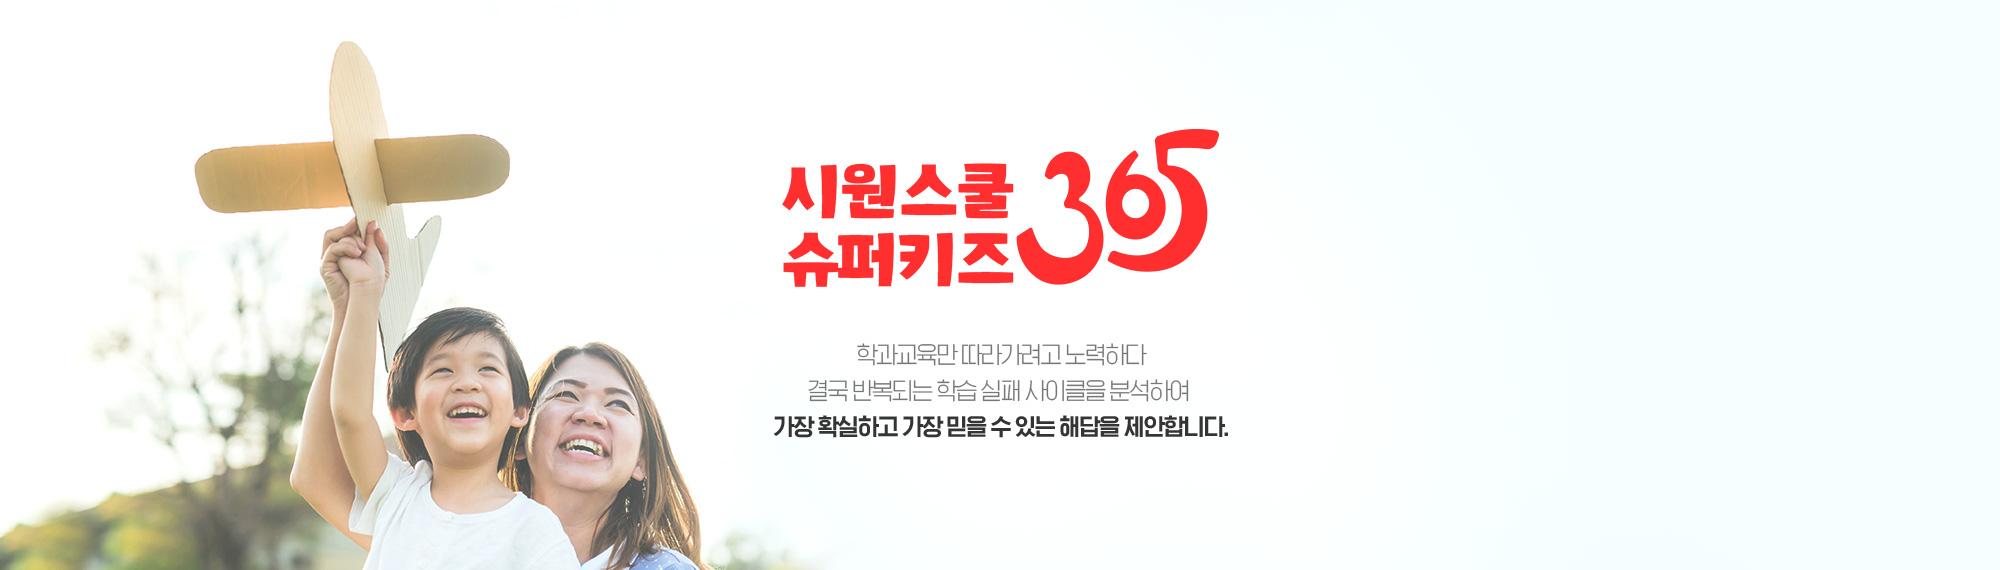 시원스쿨 슈퍼키즈 365